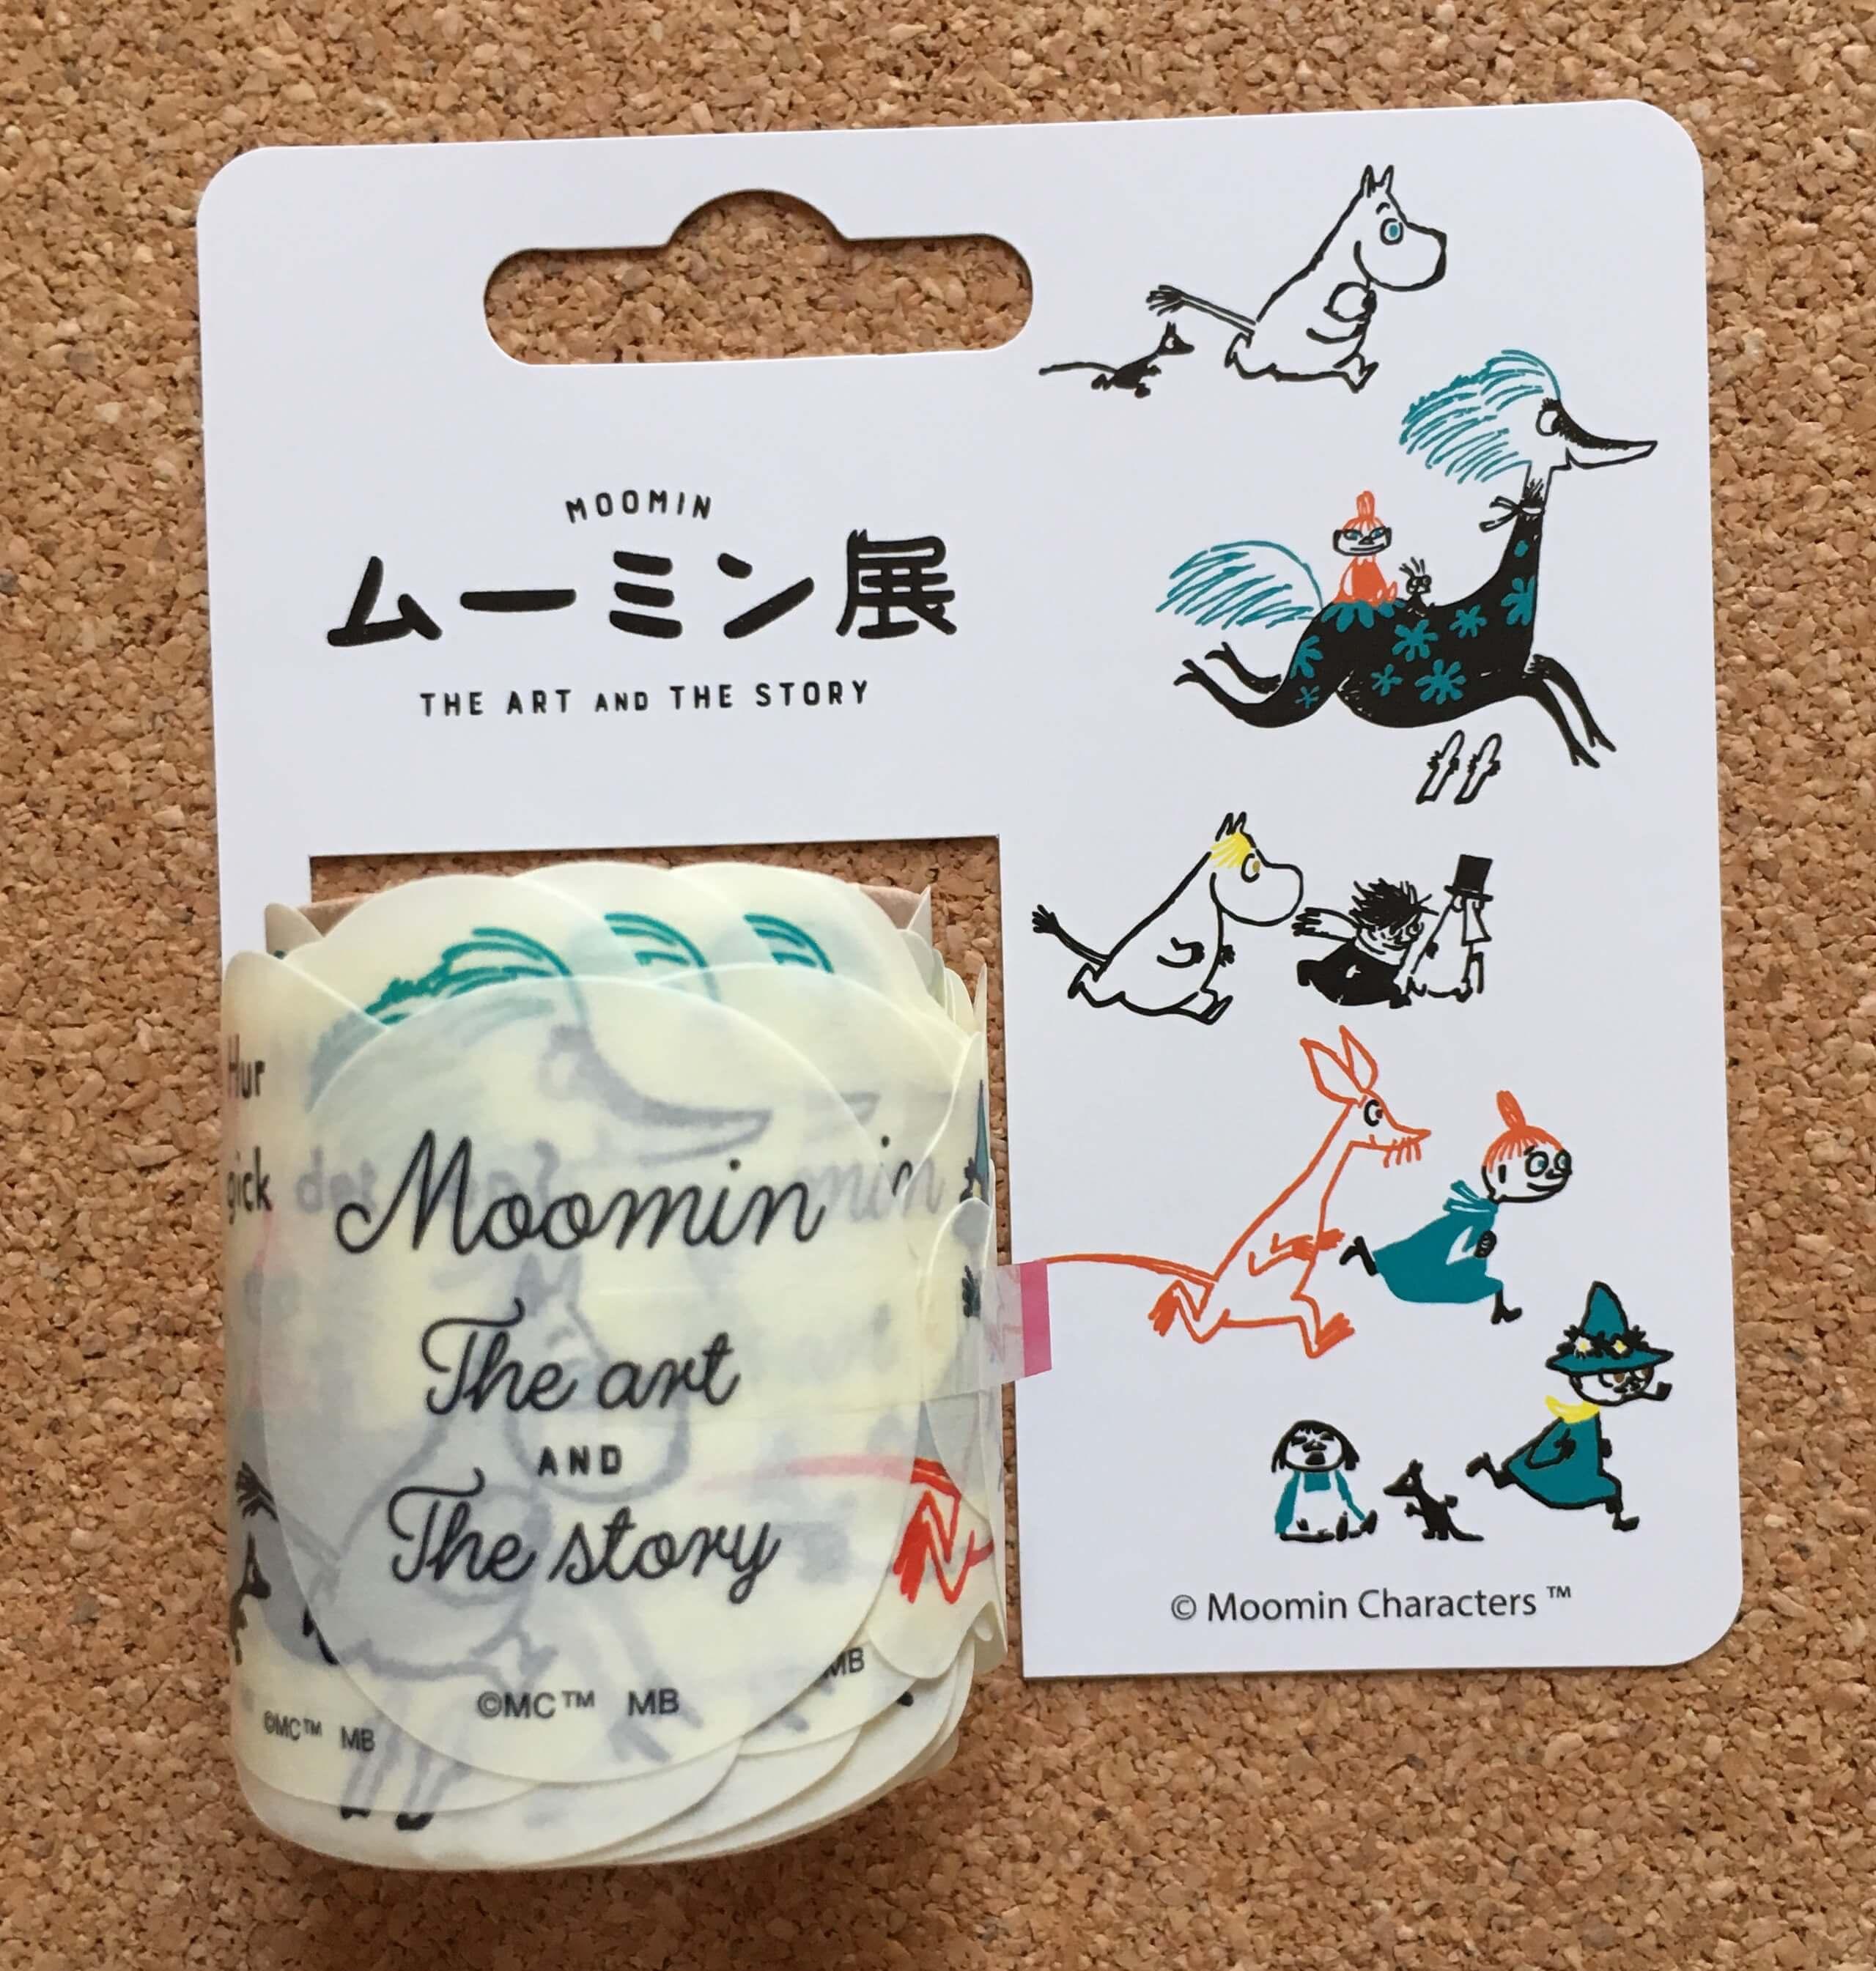 ムーミン展で購入したマスキングテープ